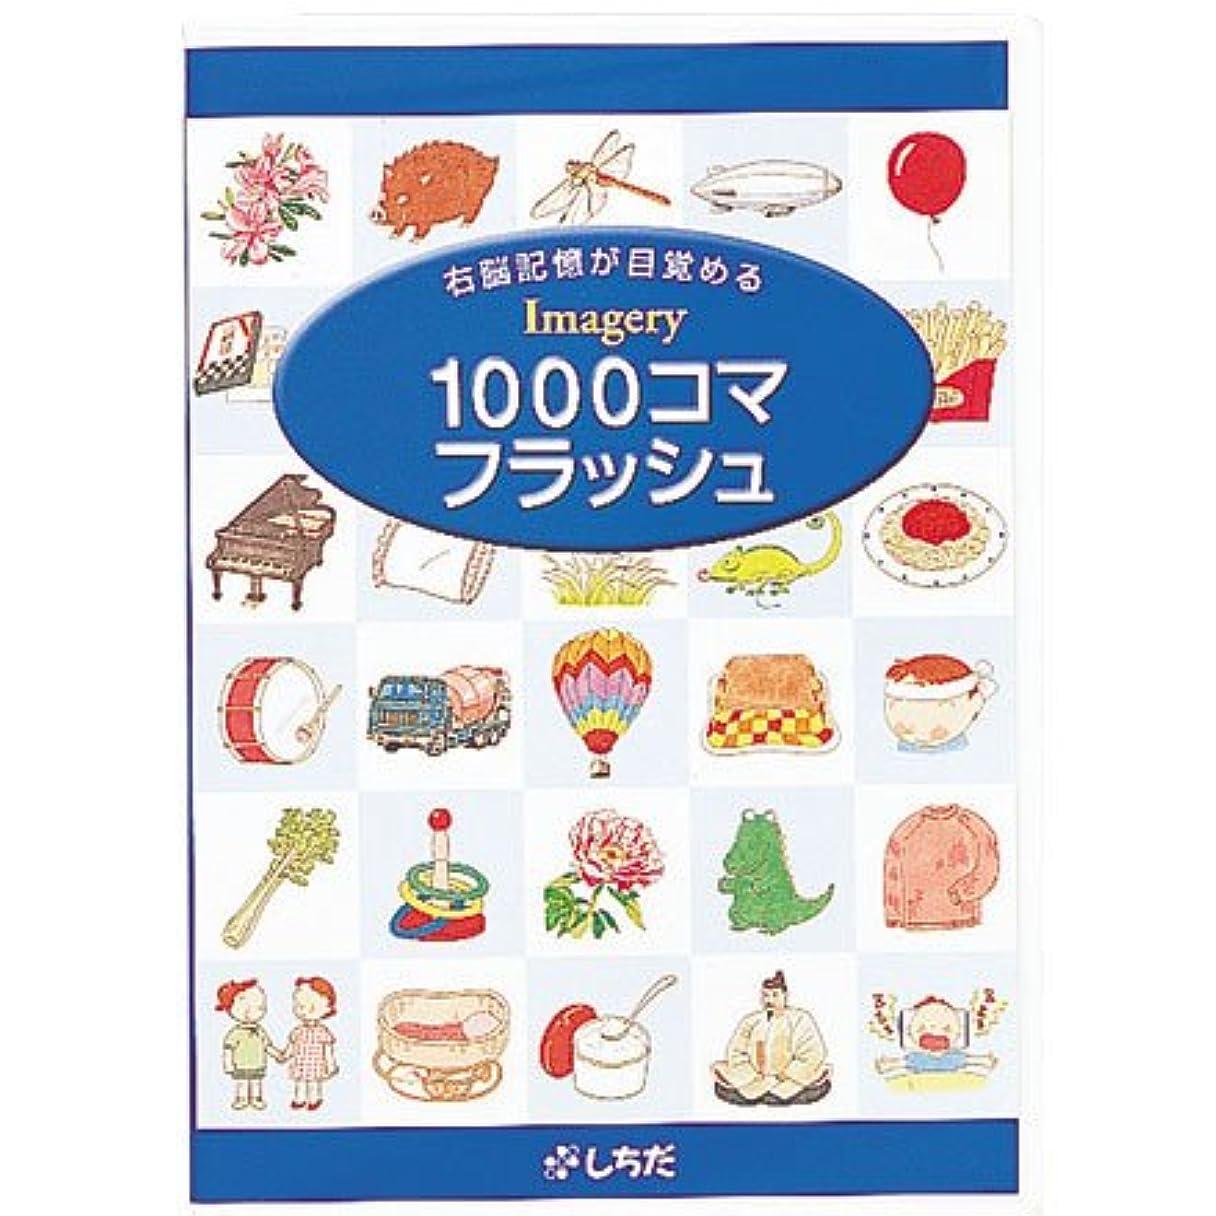 試験シアー魔術師七田式(しちだ)教材 1000コマフラッシュ DVD